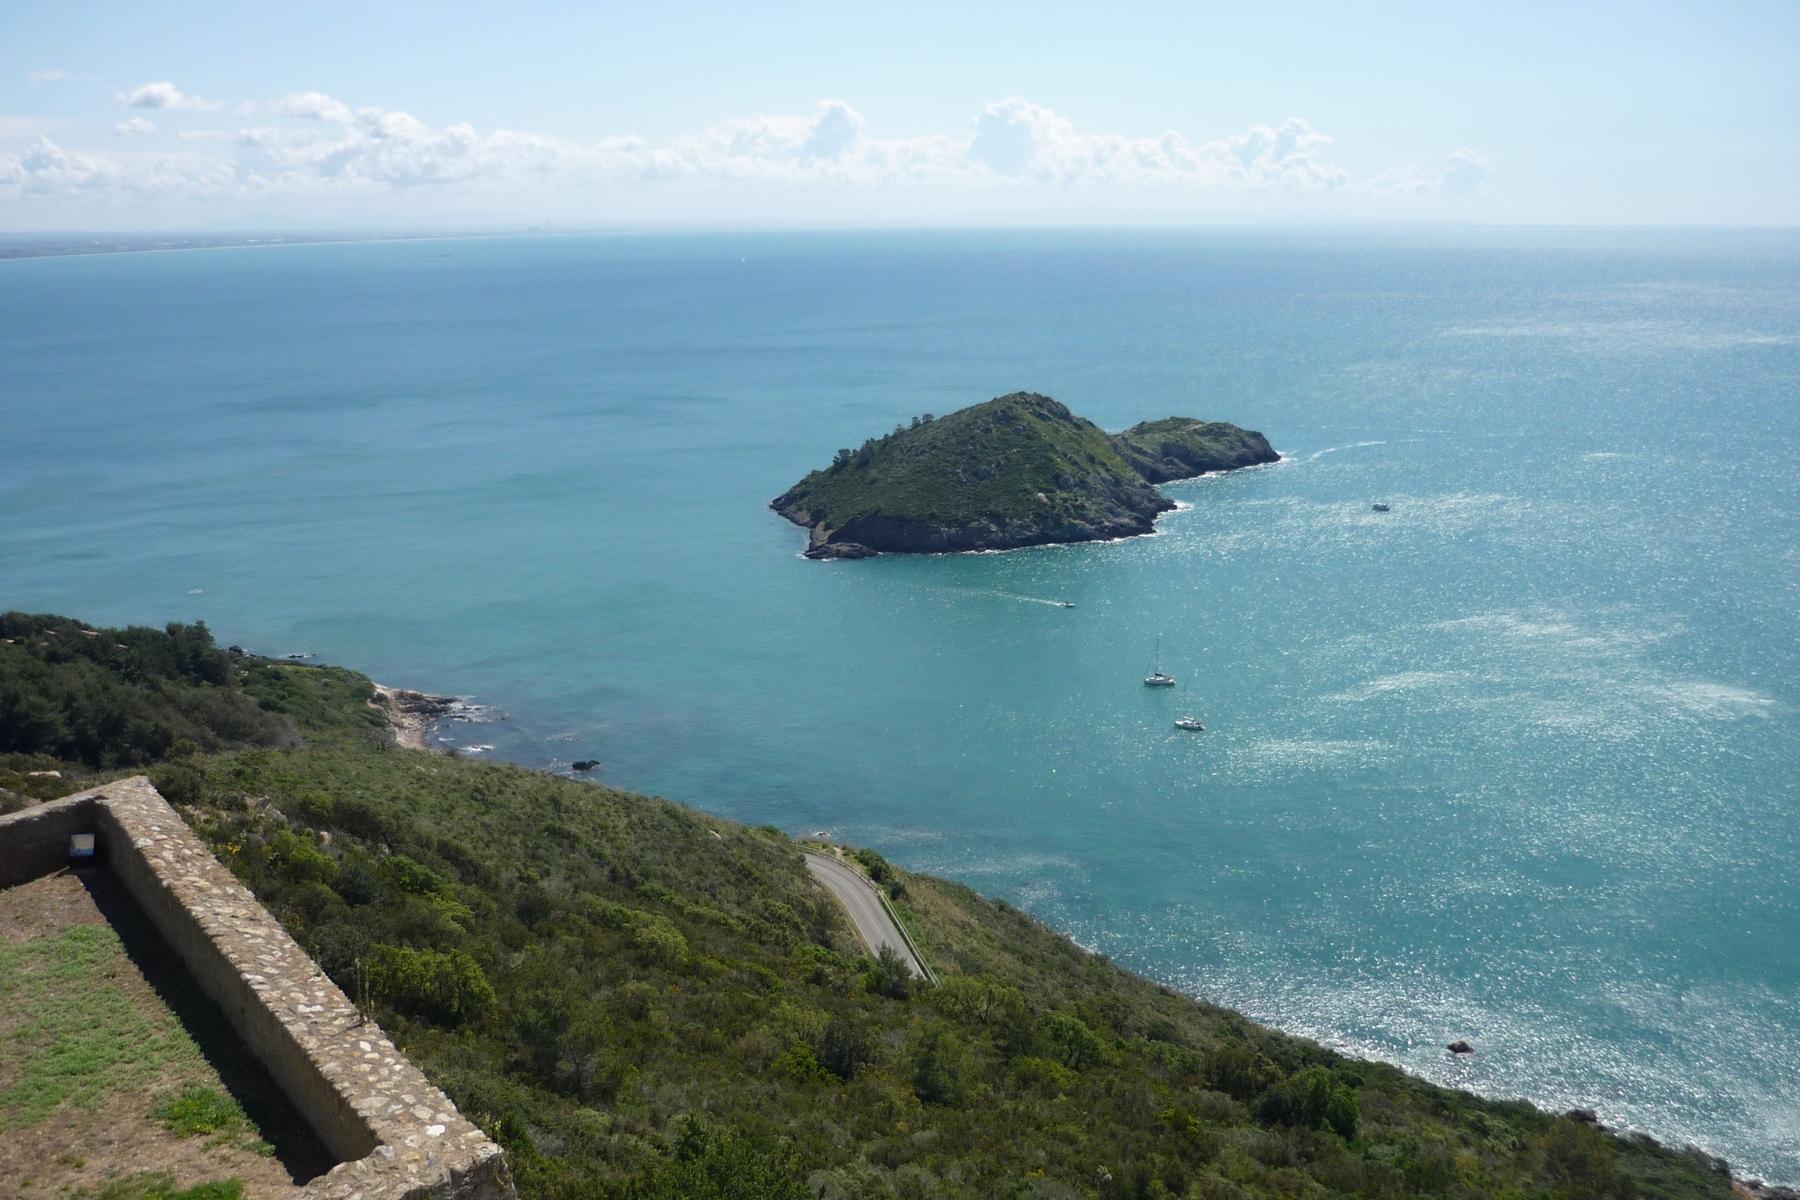 俯瞰Orbetello Lagoon泻湖景色绝妙的别墅 - 17